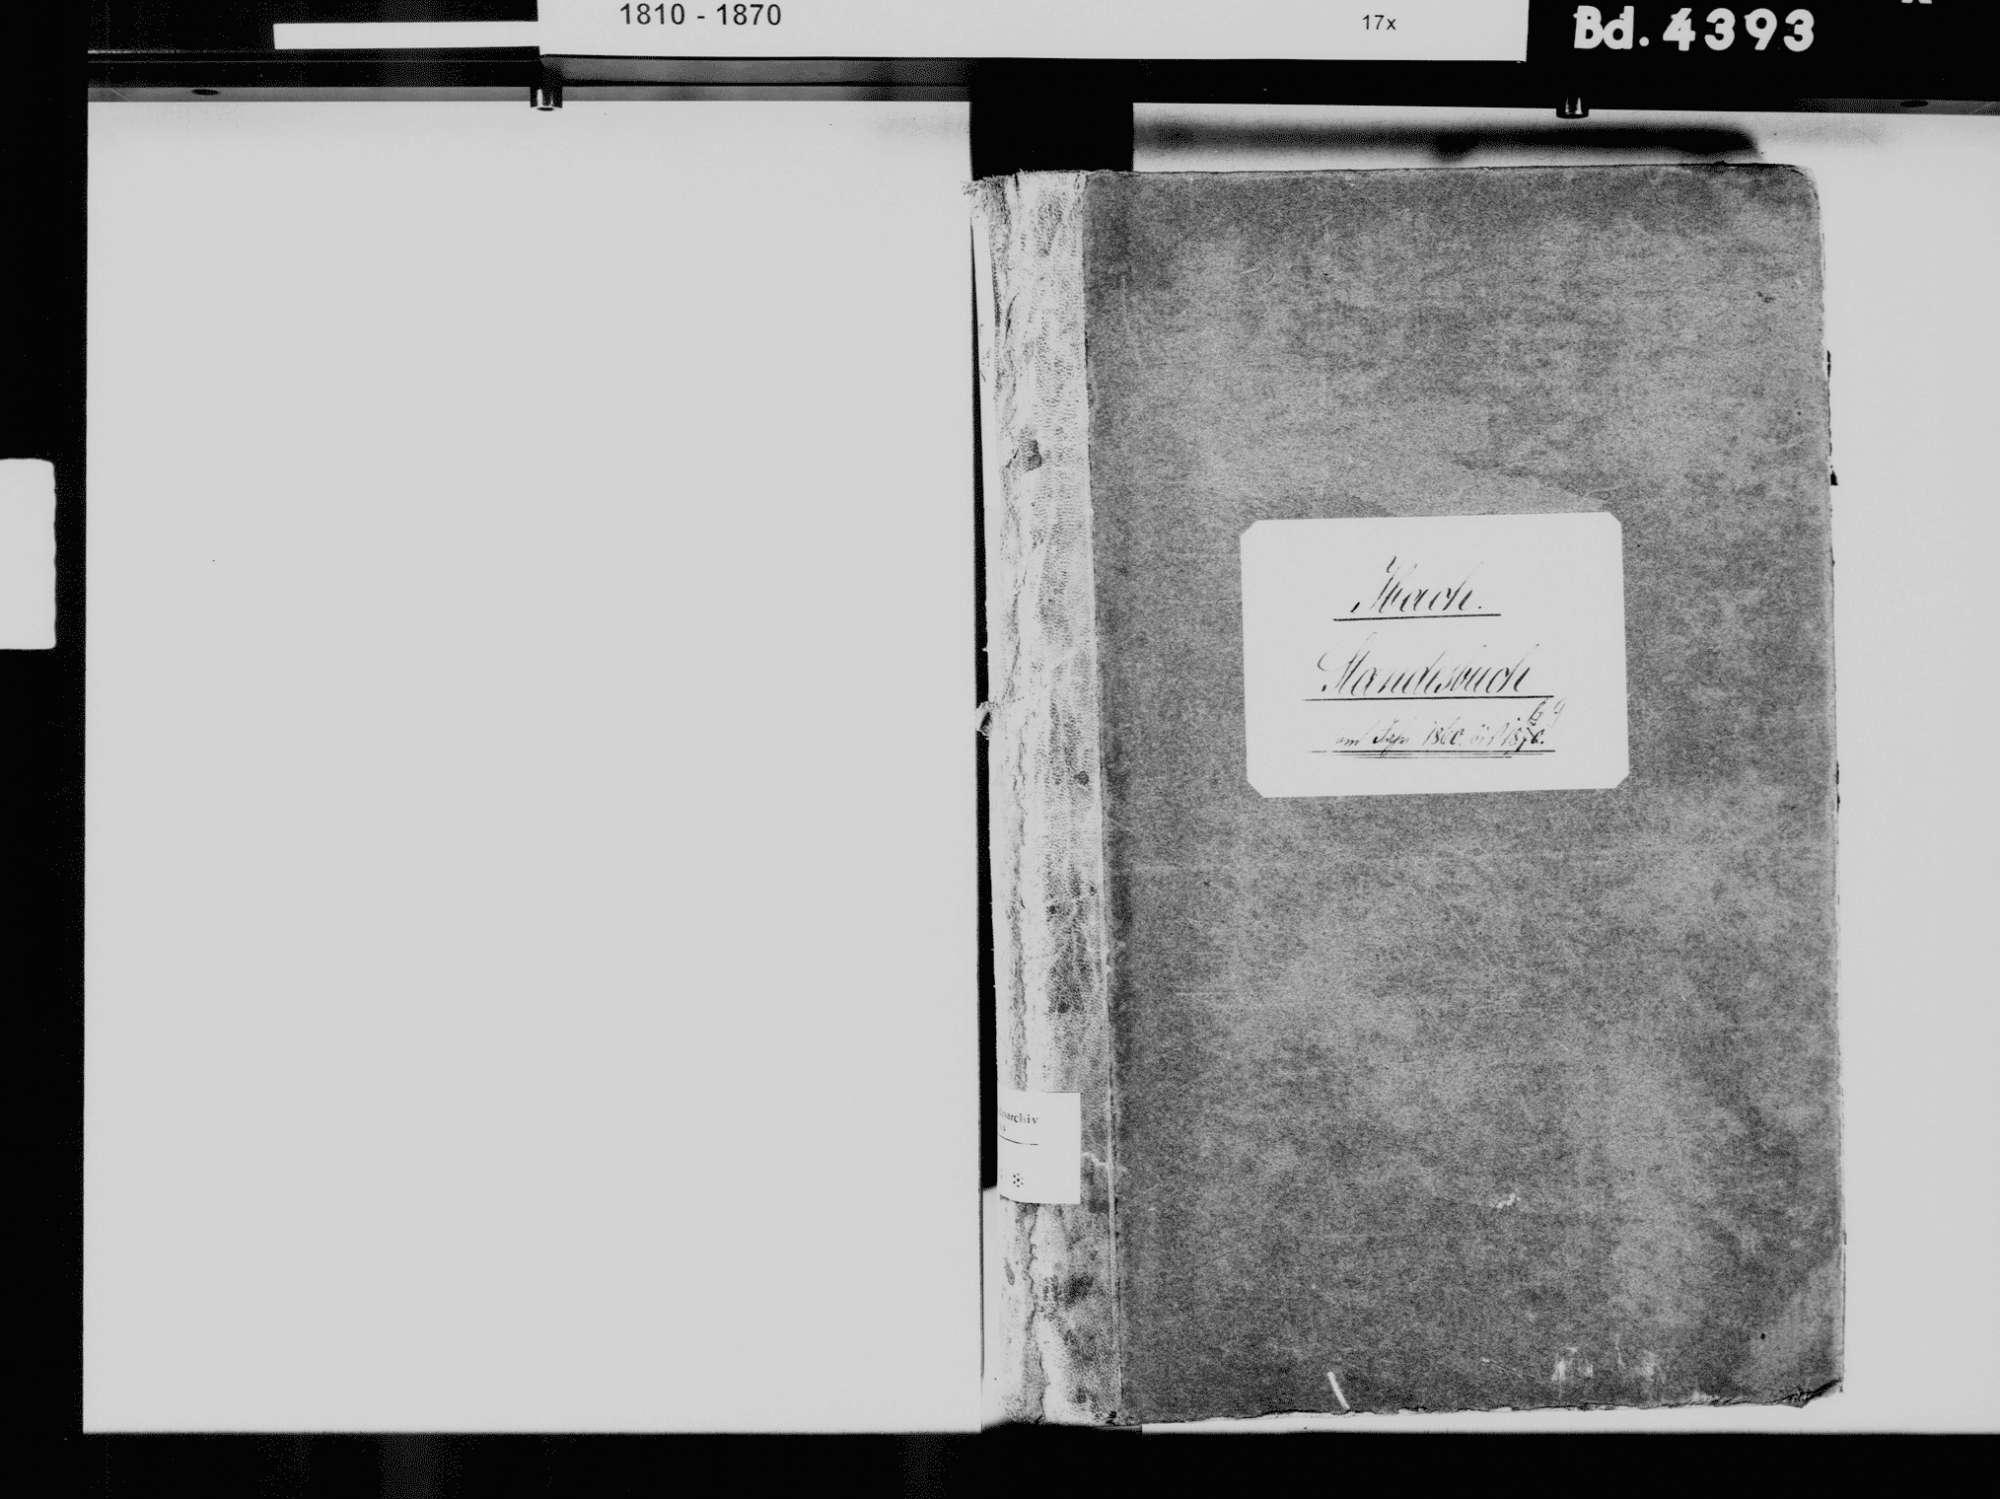 Ibach WT; Katholische Gemeinde: Standesbuch 1860-1869, Bild 3